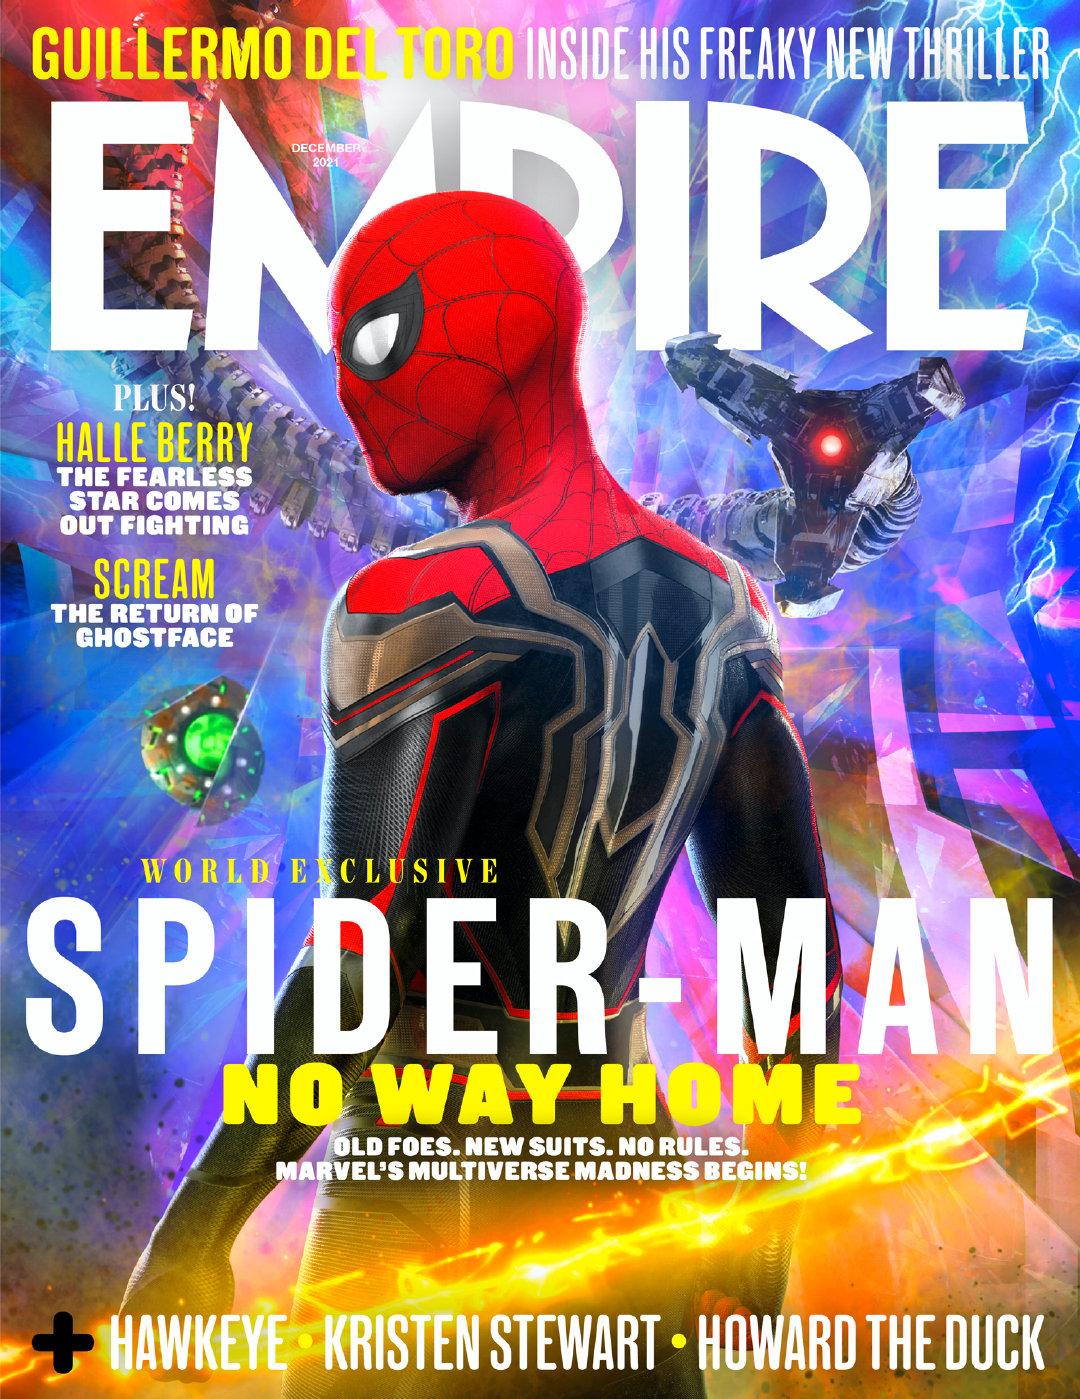 《蜘蛛侠:英雄无归》登上《帝国》杂志封面